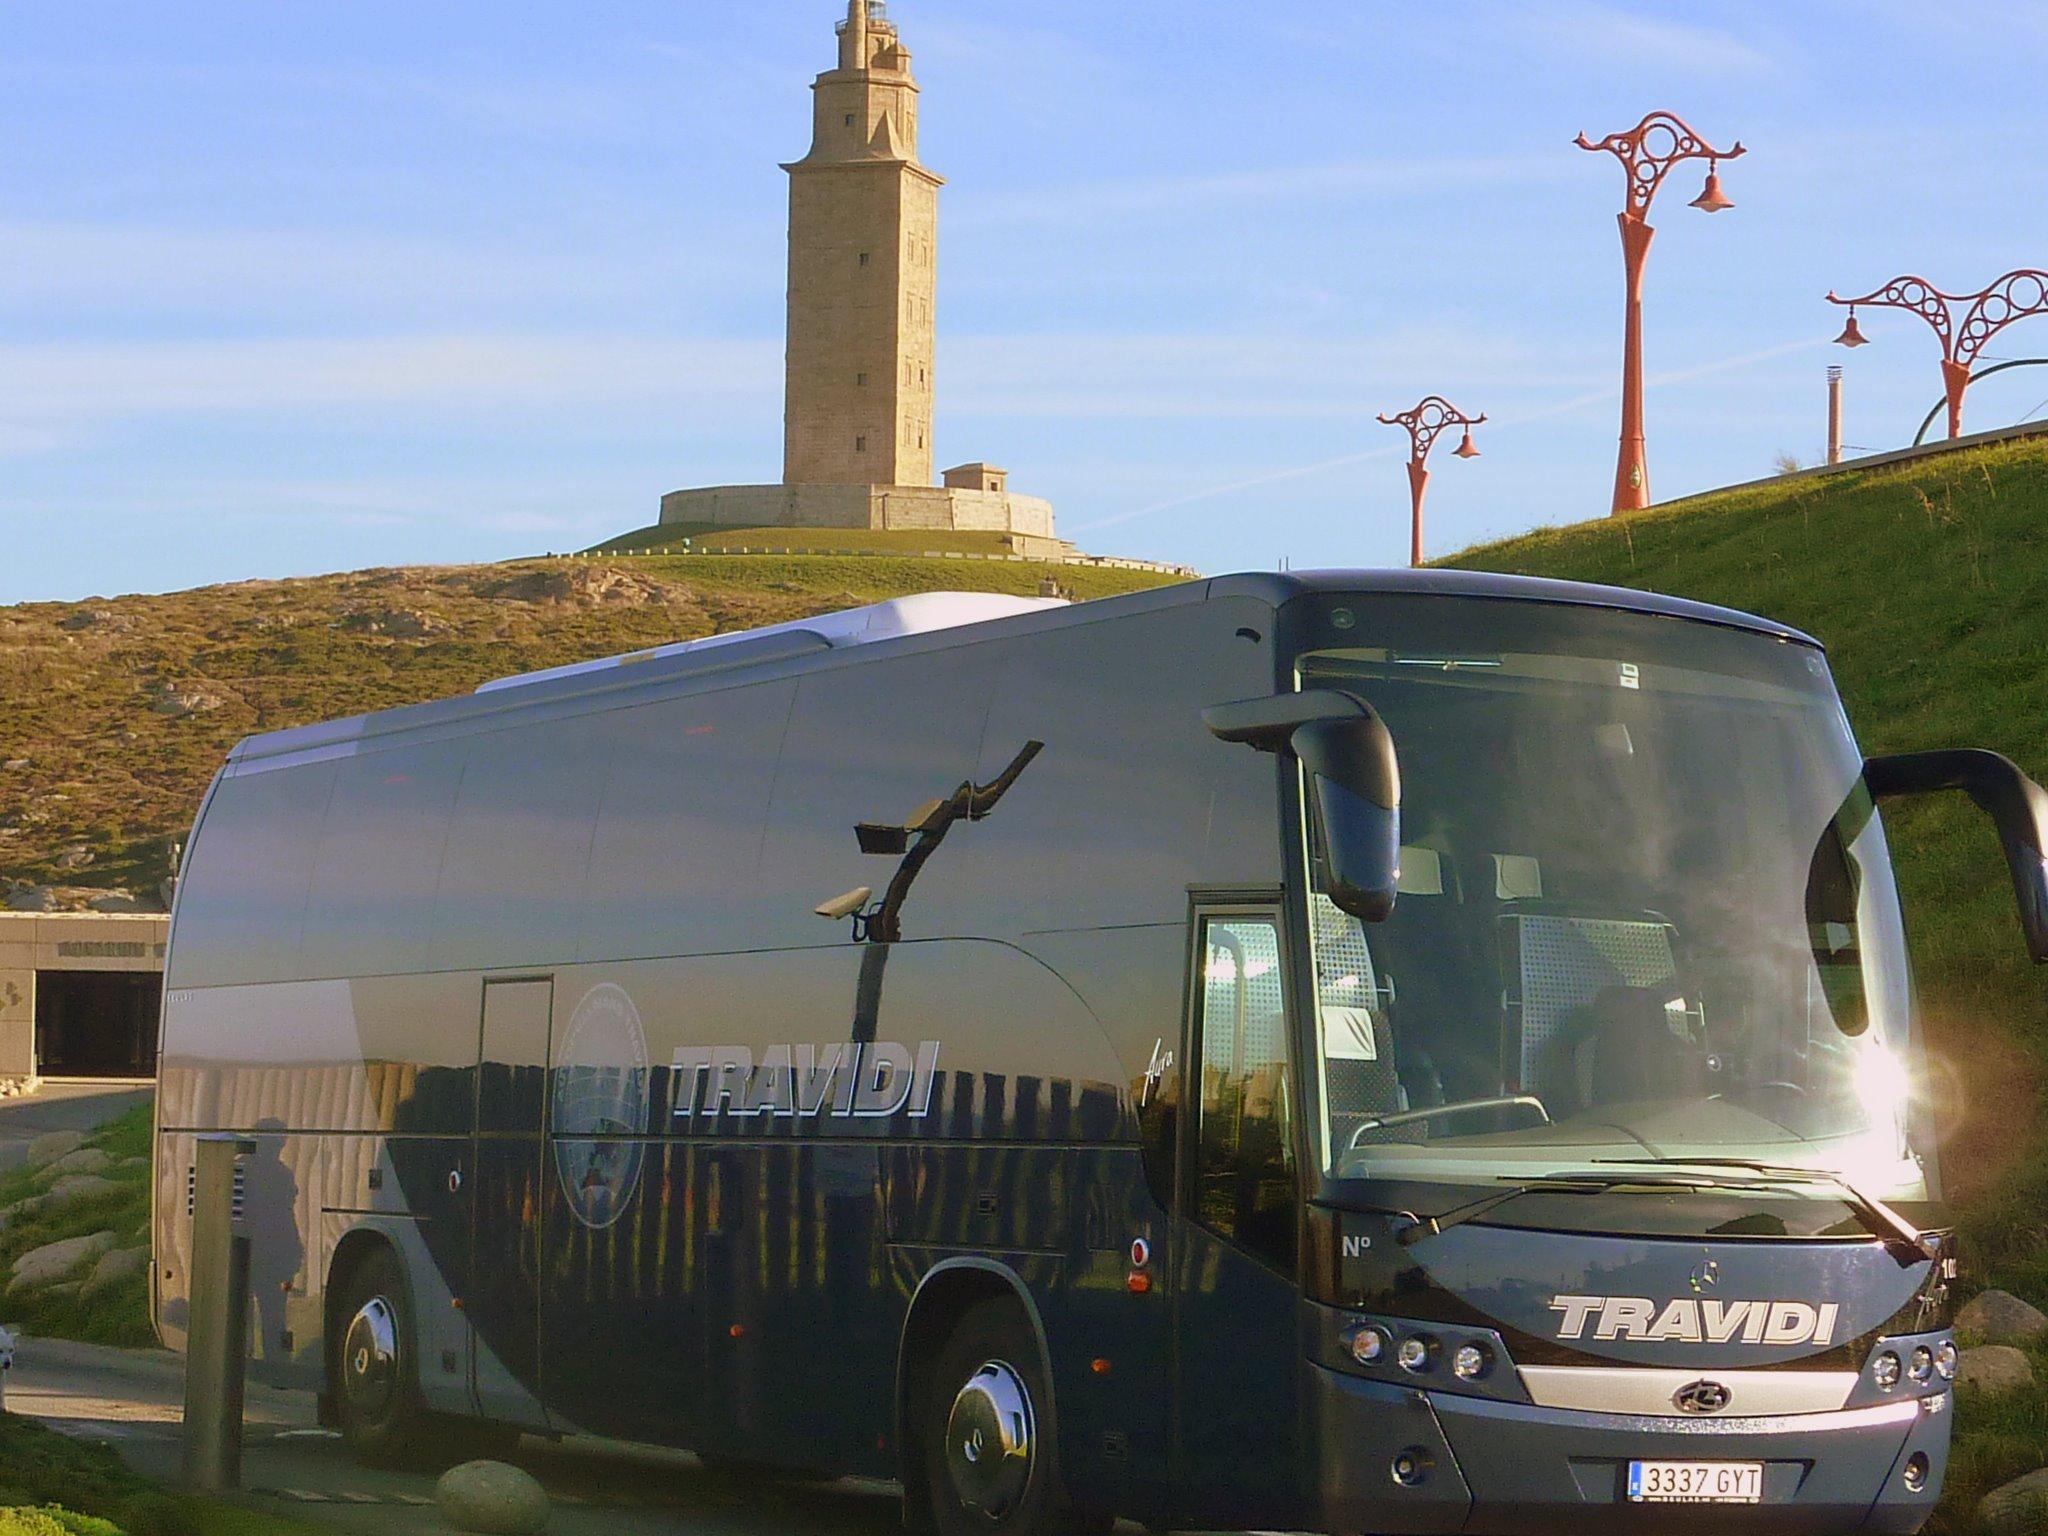 (Español) El Camino Inglés, una ruta llegada del norte para peregrinar a Compostela